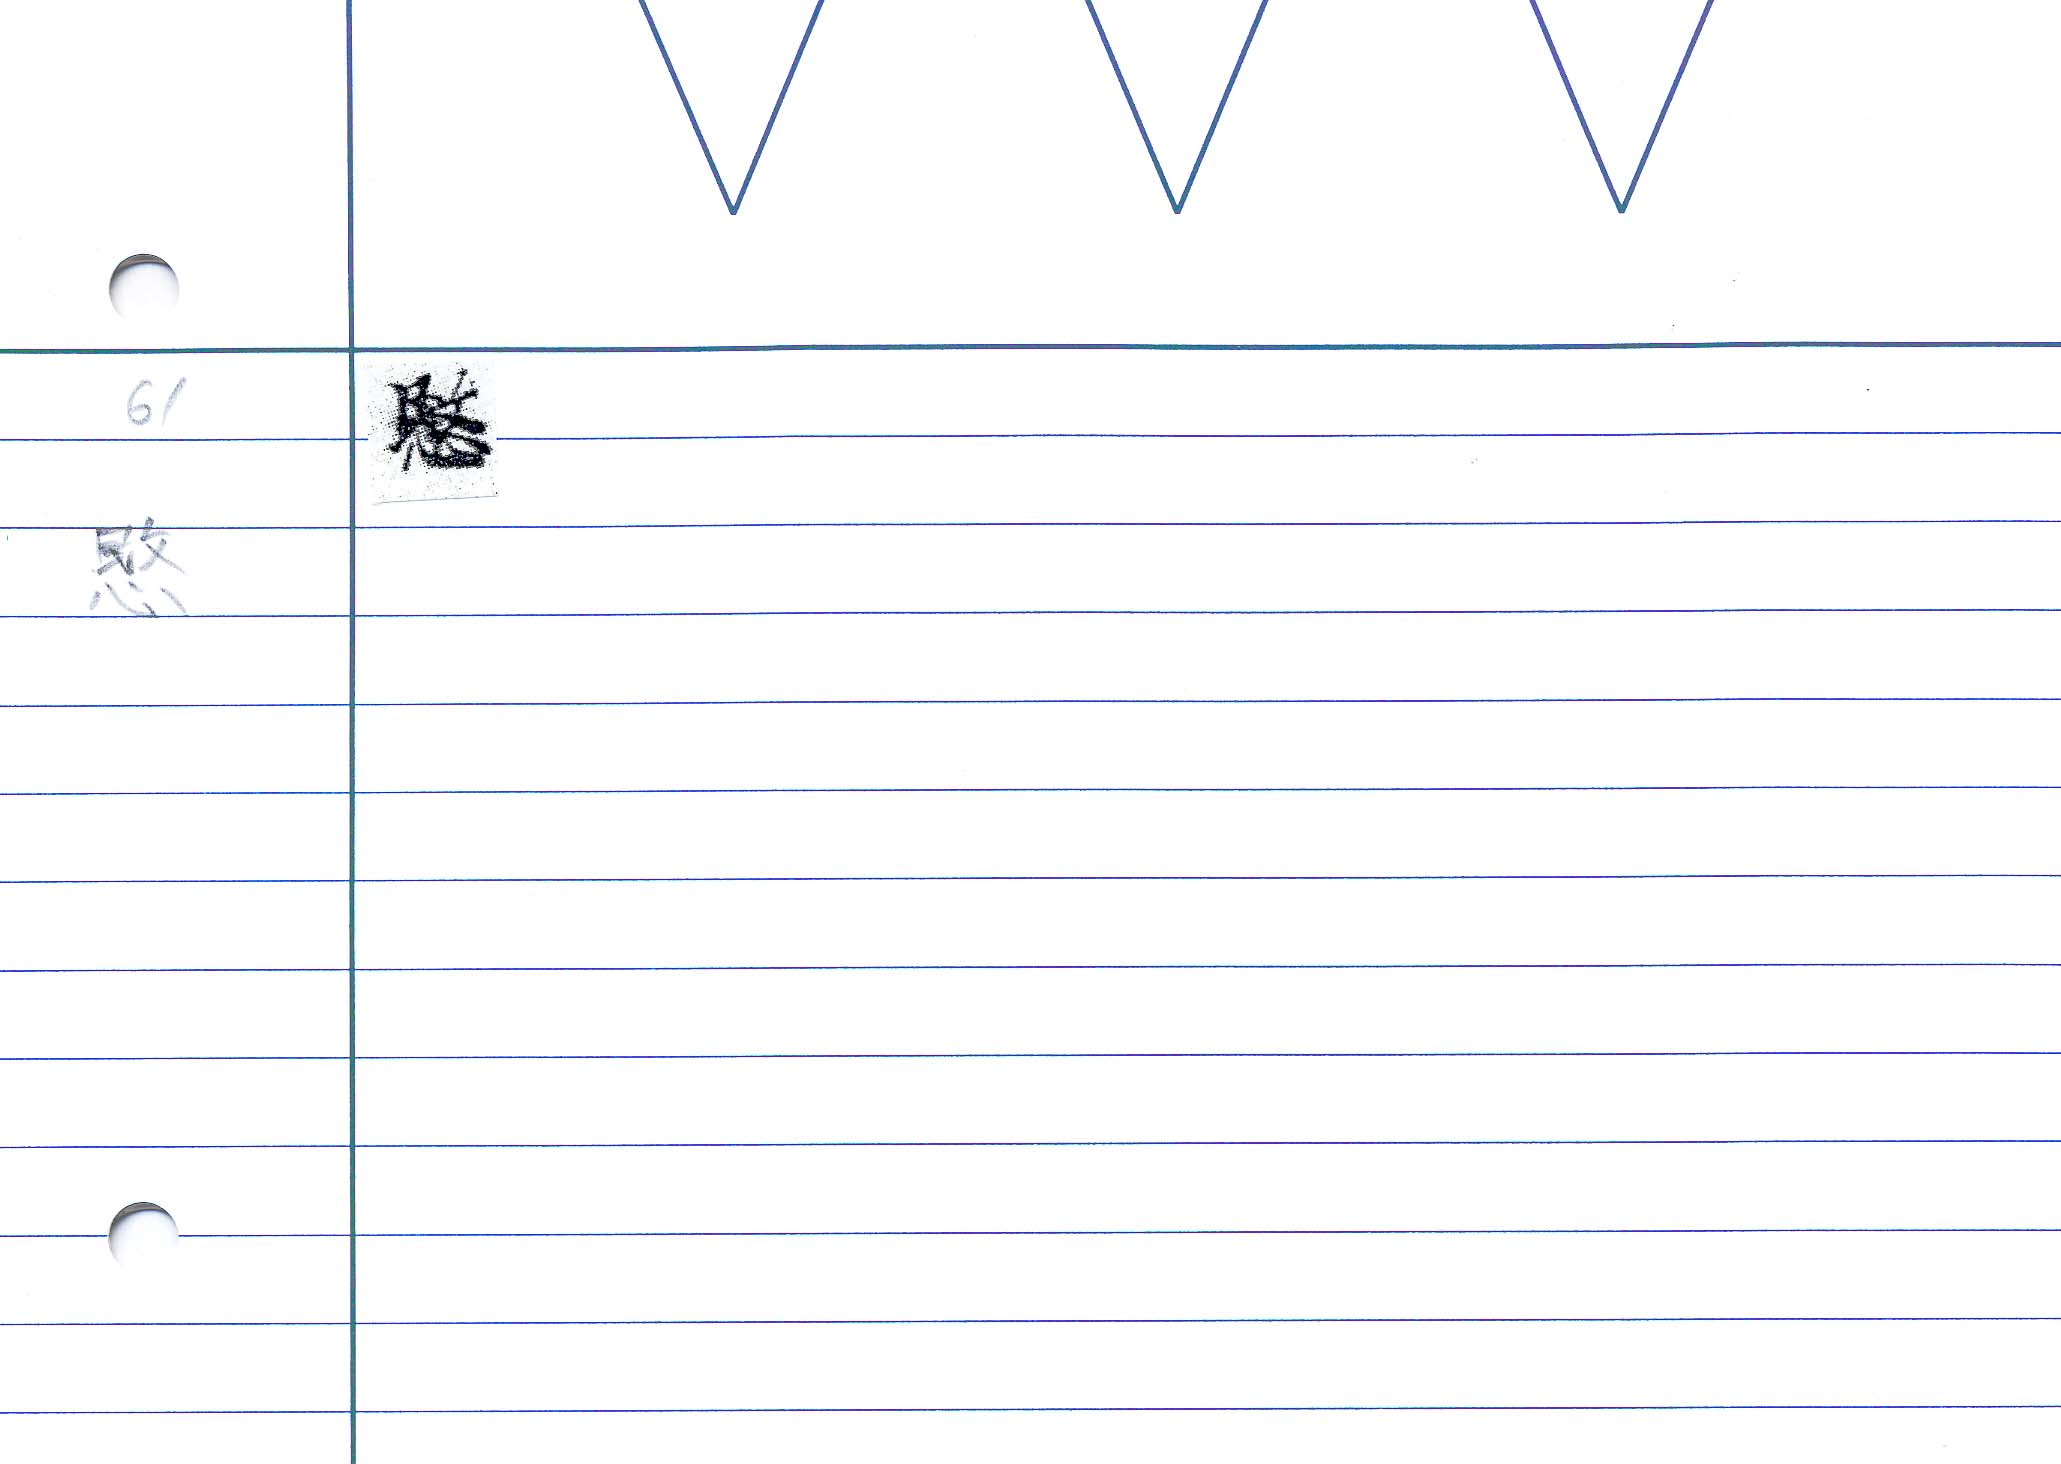 01_誠實論卷八(P.2179)/cards/0068.jpg